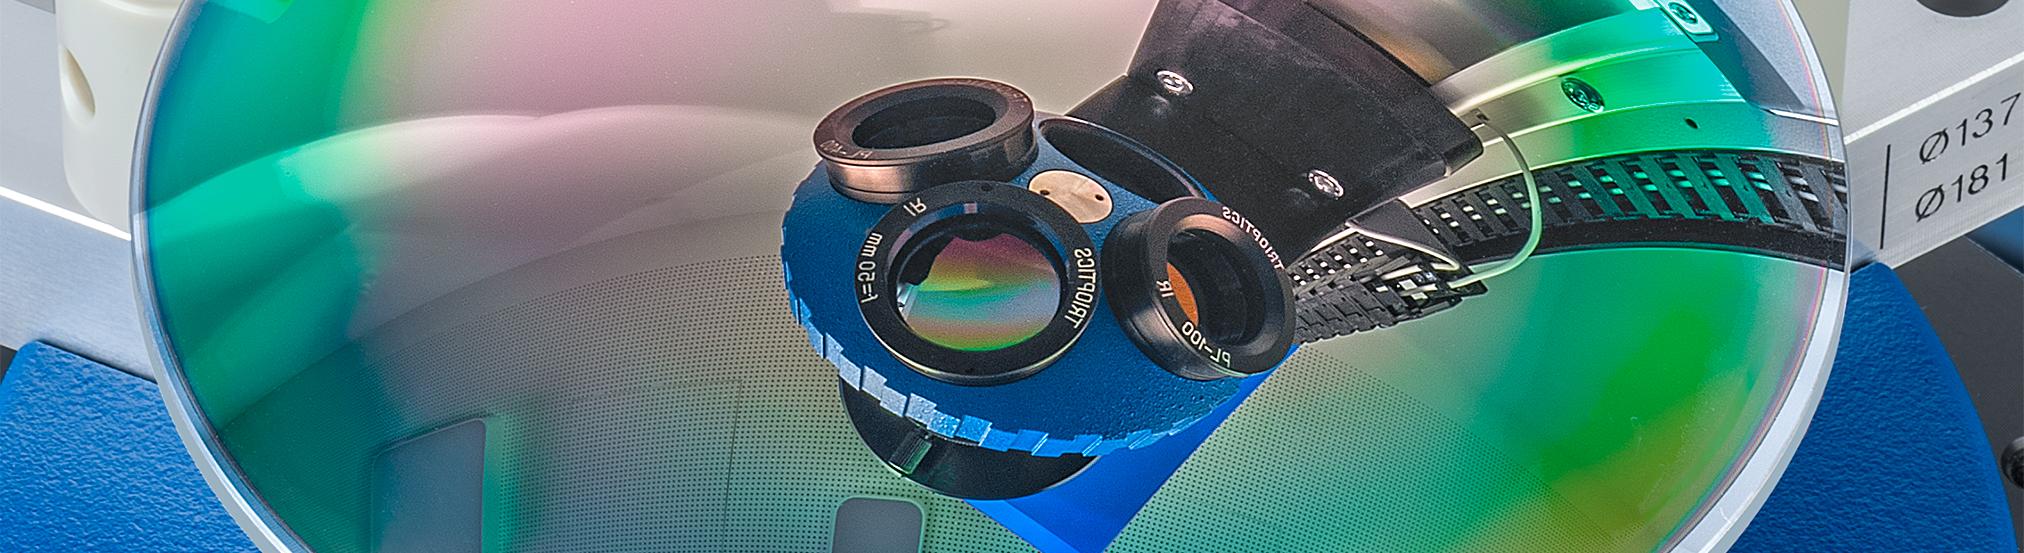 Hohe Genauigkeit bei Zentriermessungen von IR-Objektiven